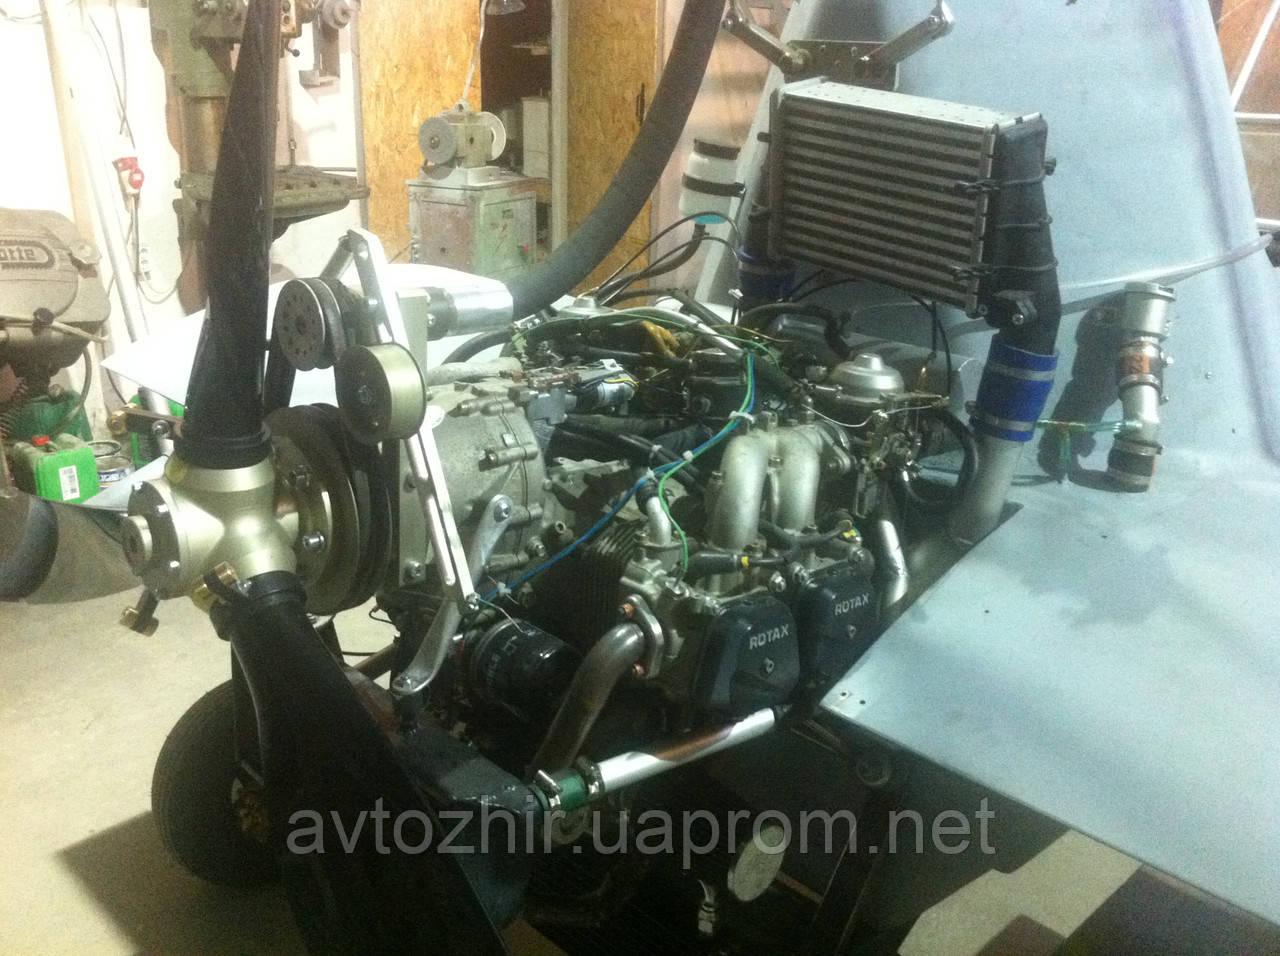 Турбирование двигателей ROTAX 912 UL